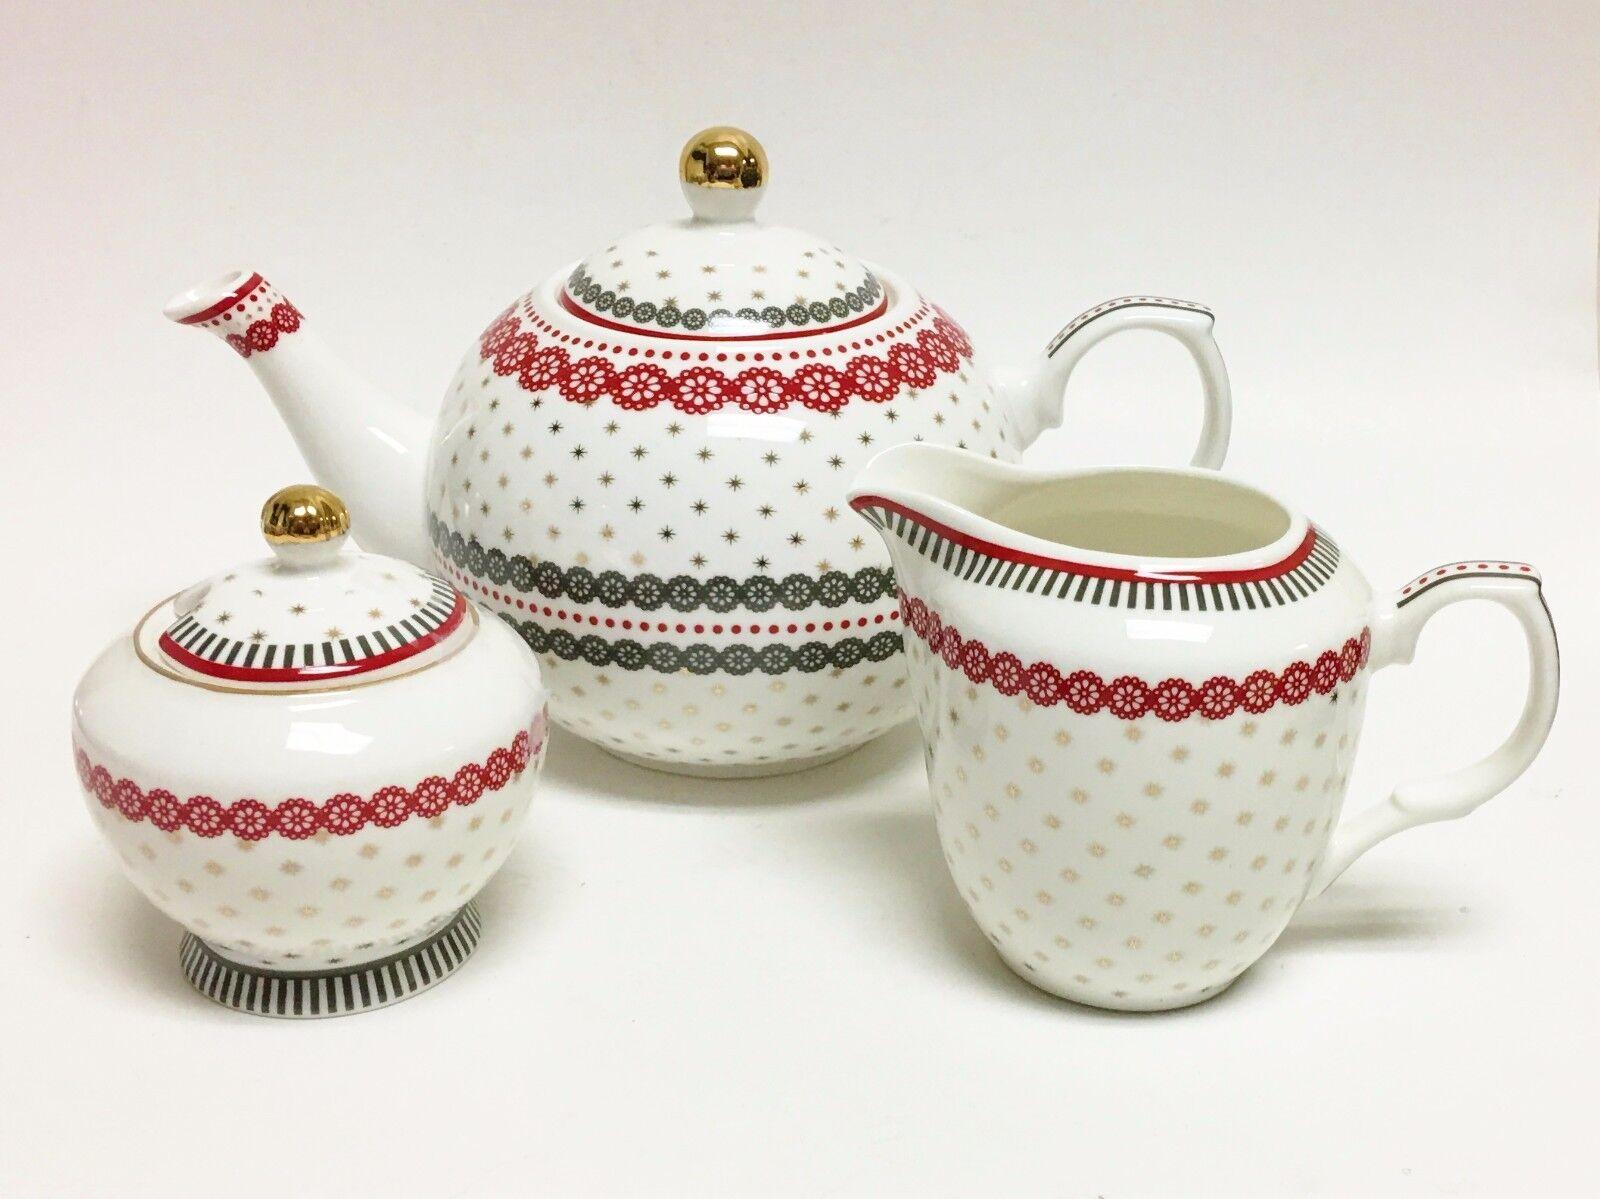 Nuovo 3 Pz Grace Bianco + Rosso + Grigio + oro Porcellana Tè + Caffettiera,